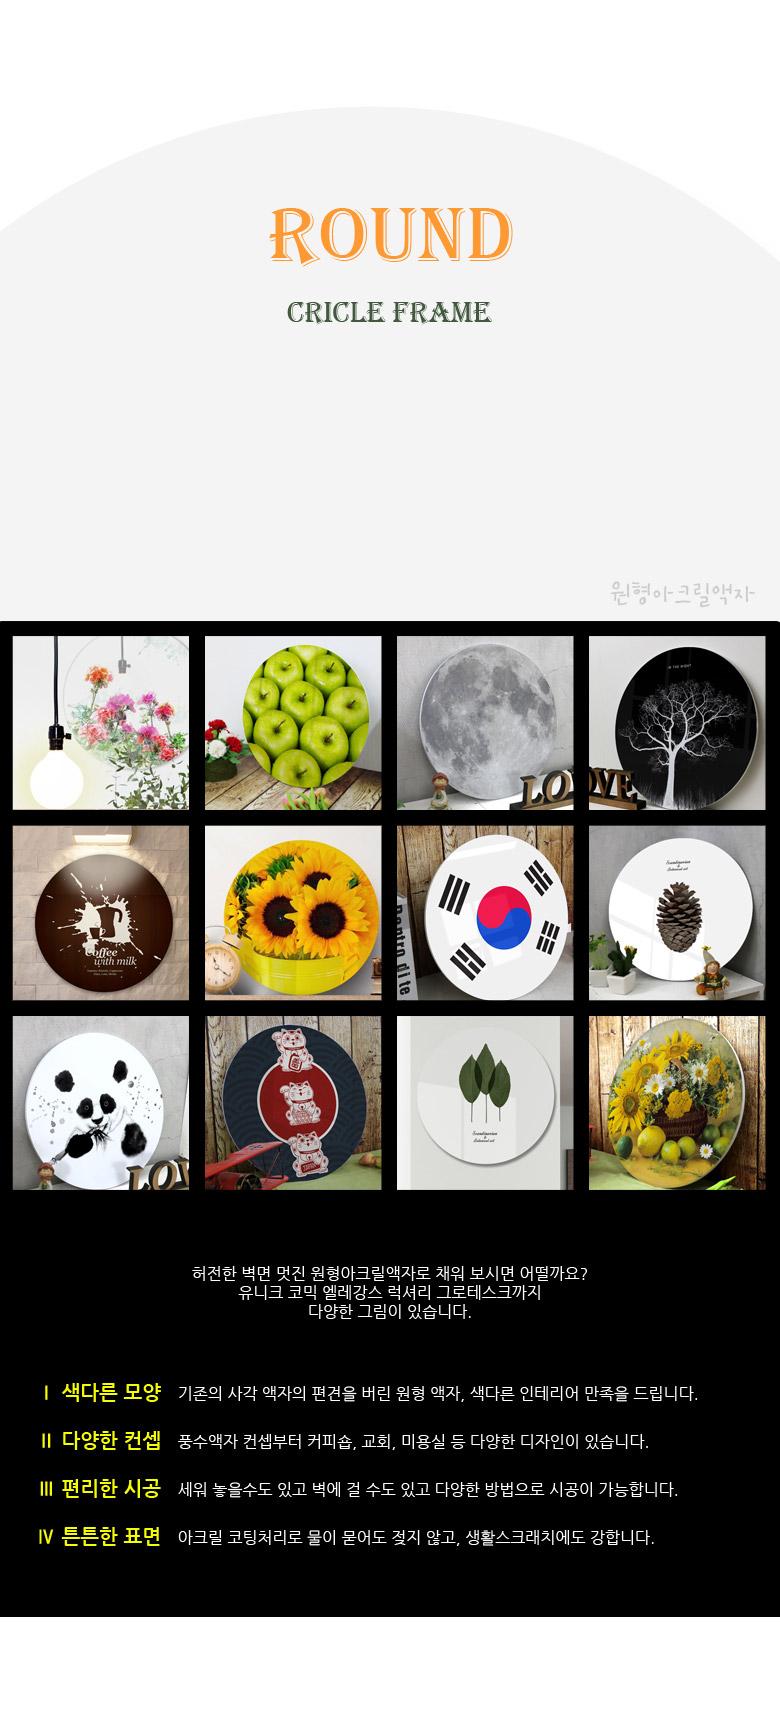 원형아크릴액자_치킨은사랑 - 꾸밈, 31,200원, 홈갤러리, 사진아트